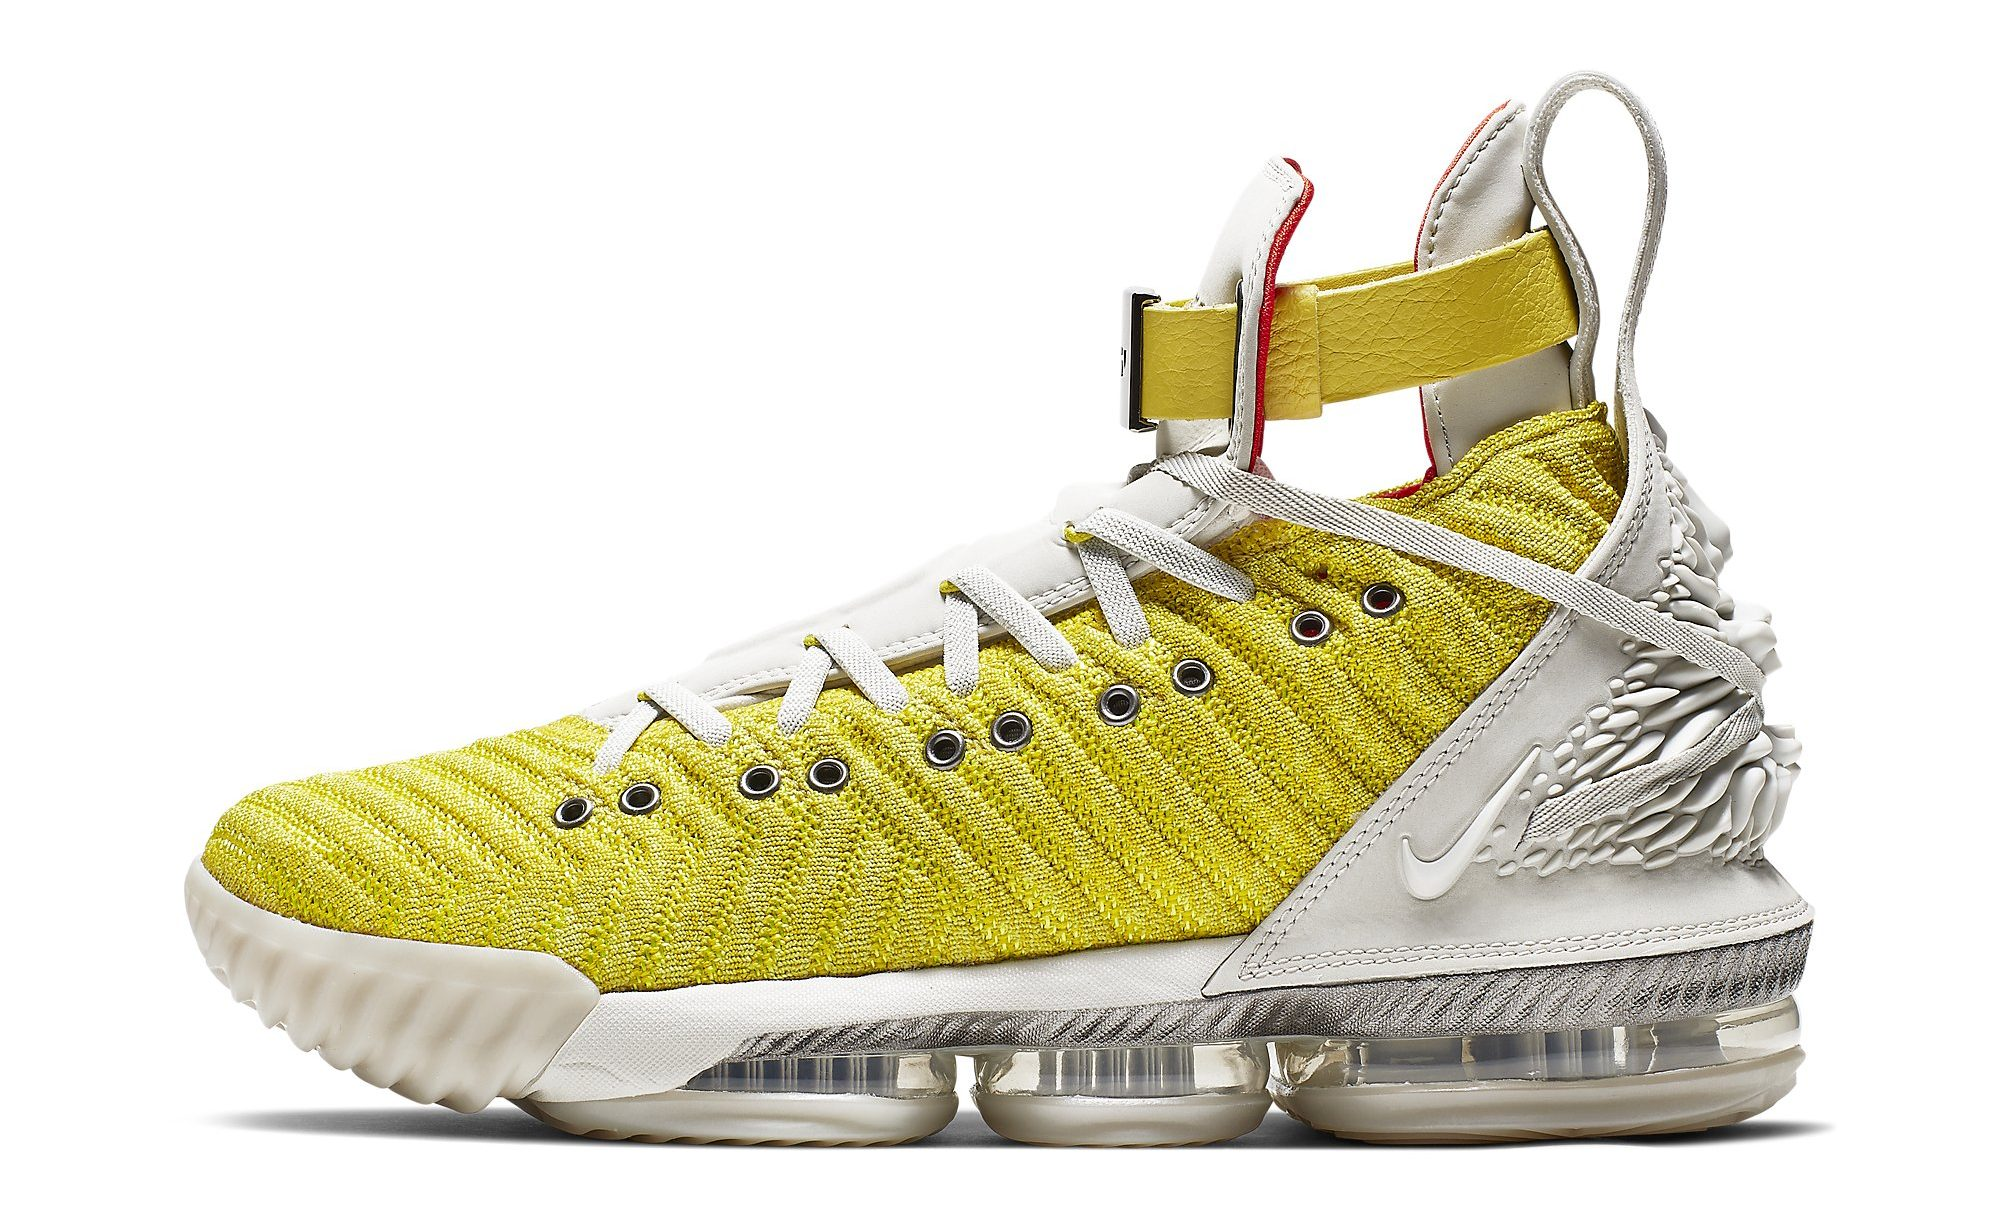 Nike LeBron 16 HFR 'Harlem Stage' Has